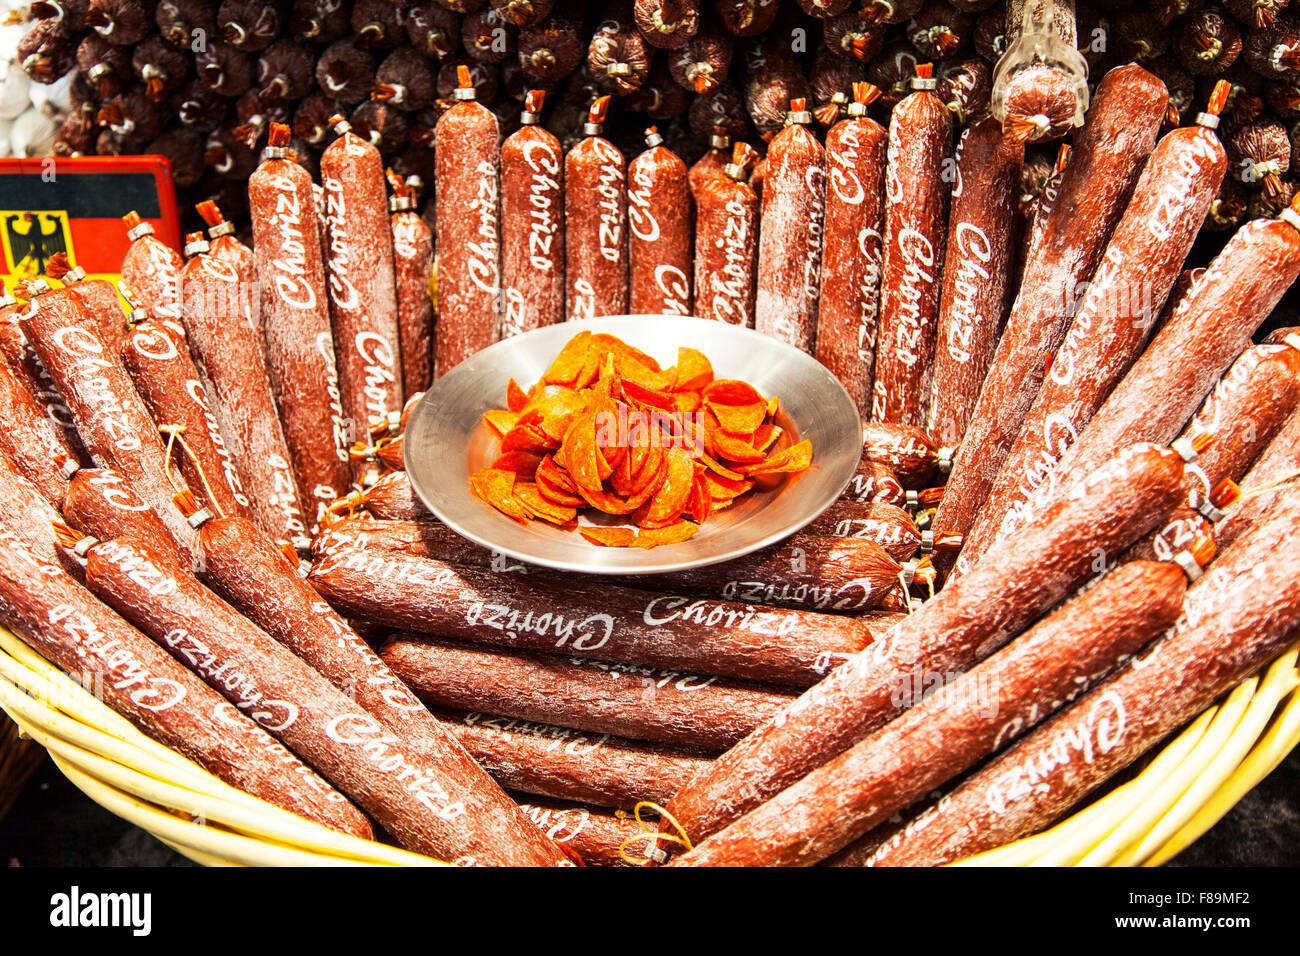 Chorizo Wurst spanische Paprikawurst Fleisch Salami gewürzt fleischigen Snack Vorspeise Feinkost Display ungesunde Stockbild